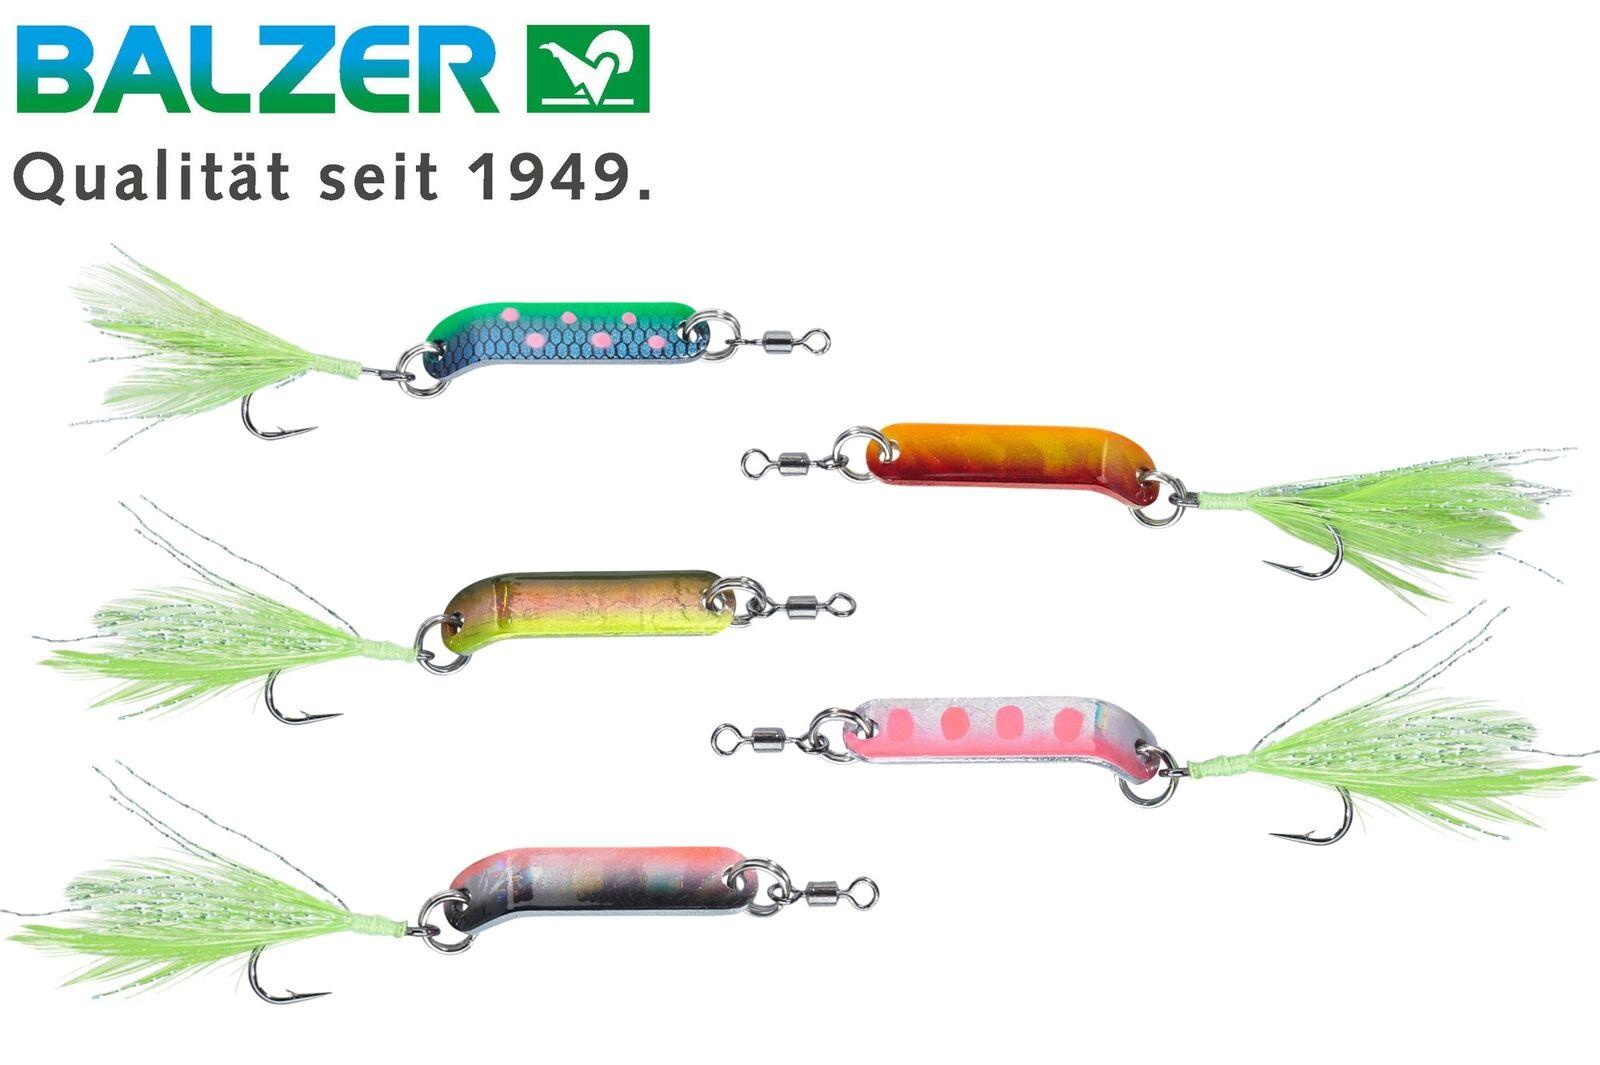 5 BALZER truites Clignotants Agro 3 cm 2,5 Truites g-Art Appât Pour Truites 2,5 Pêche, Glacier d9068d